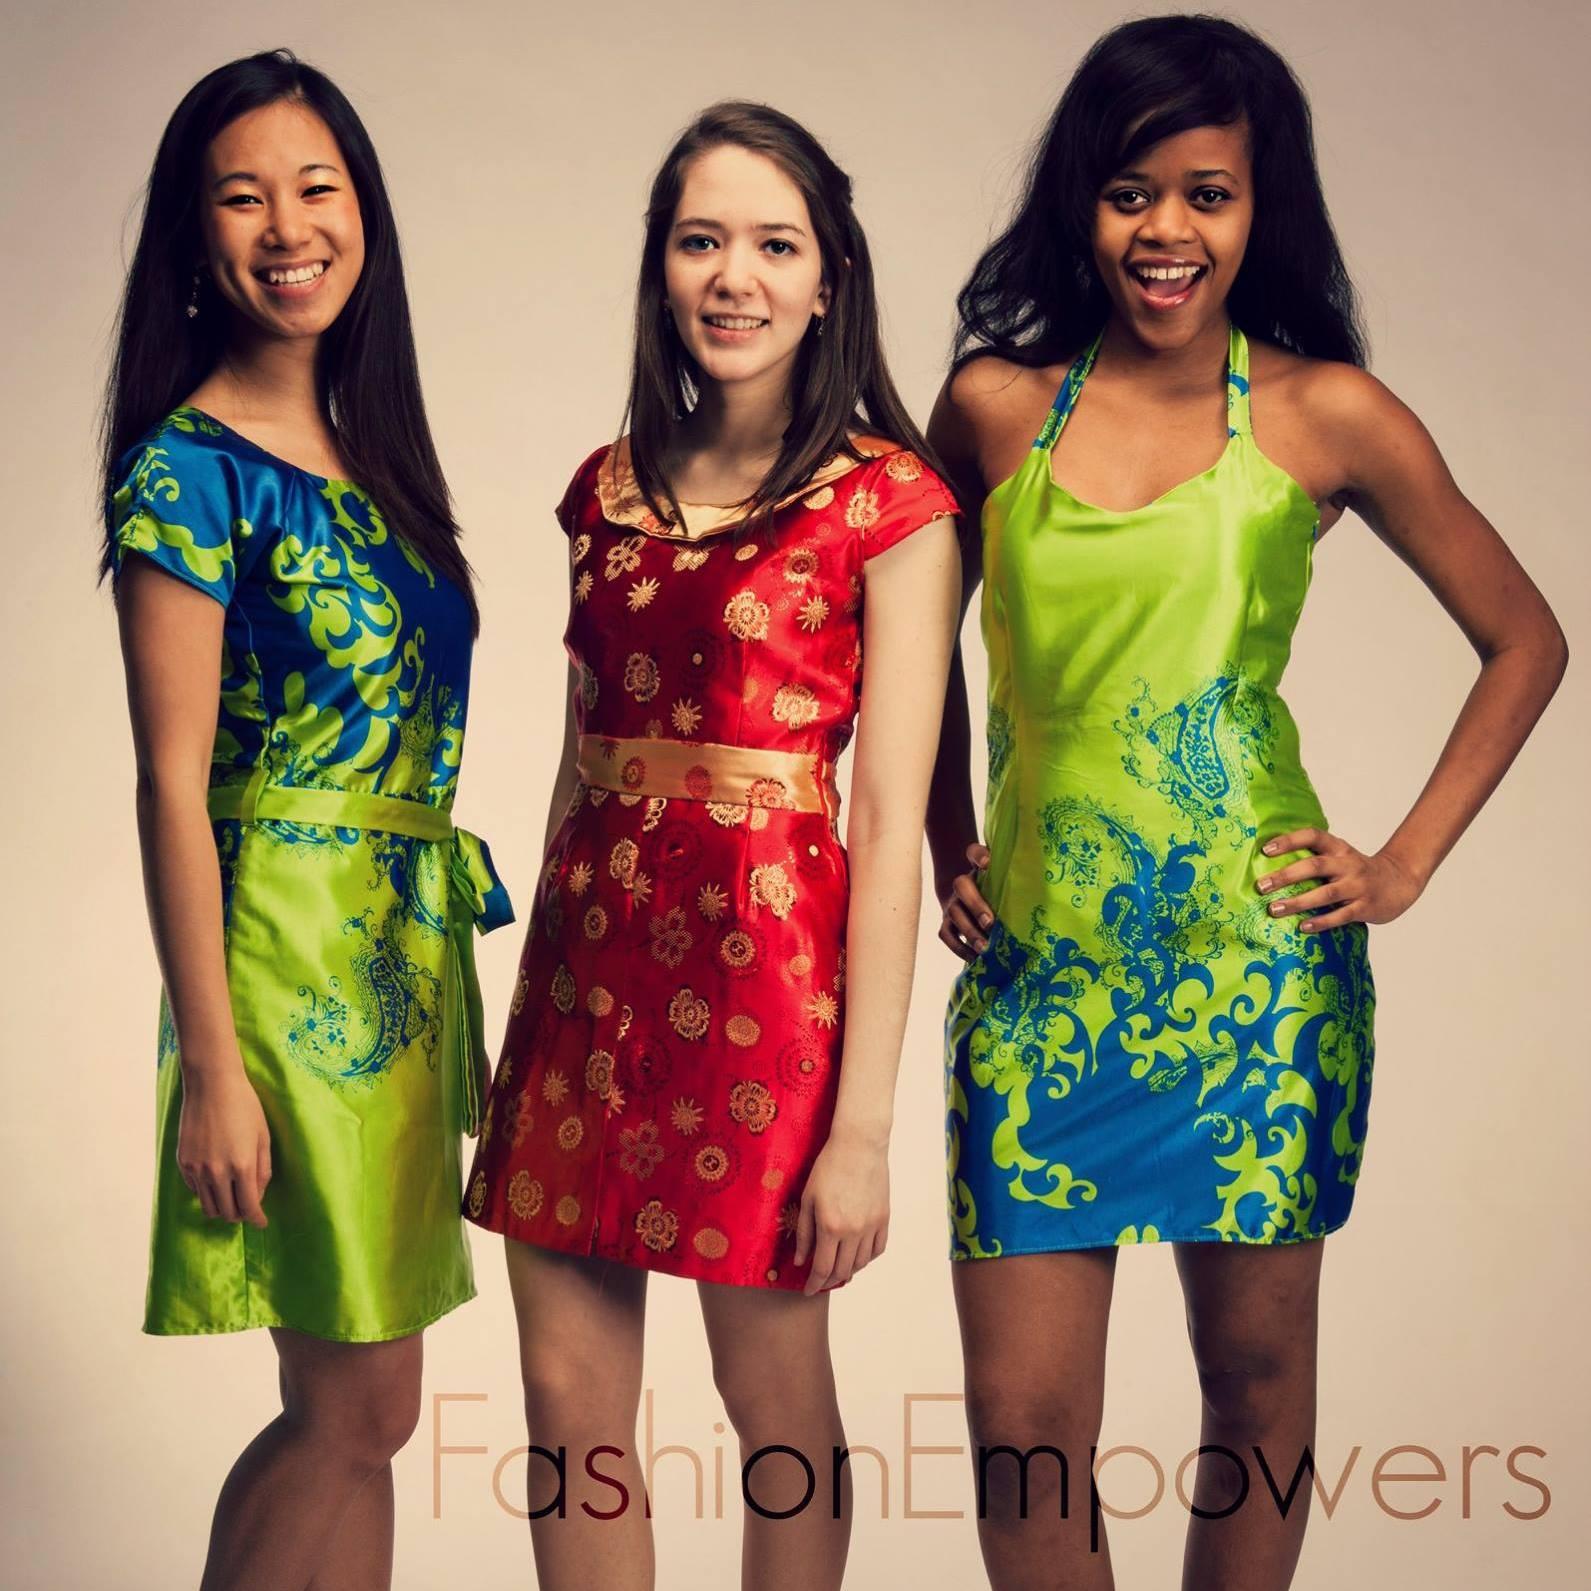 FashionEmpowers.jpg